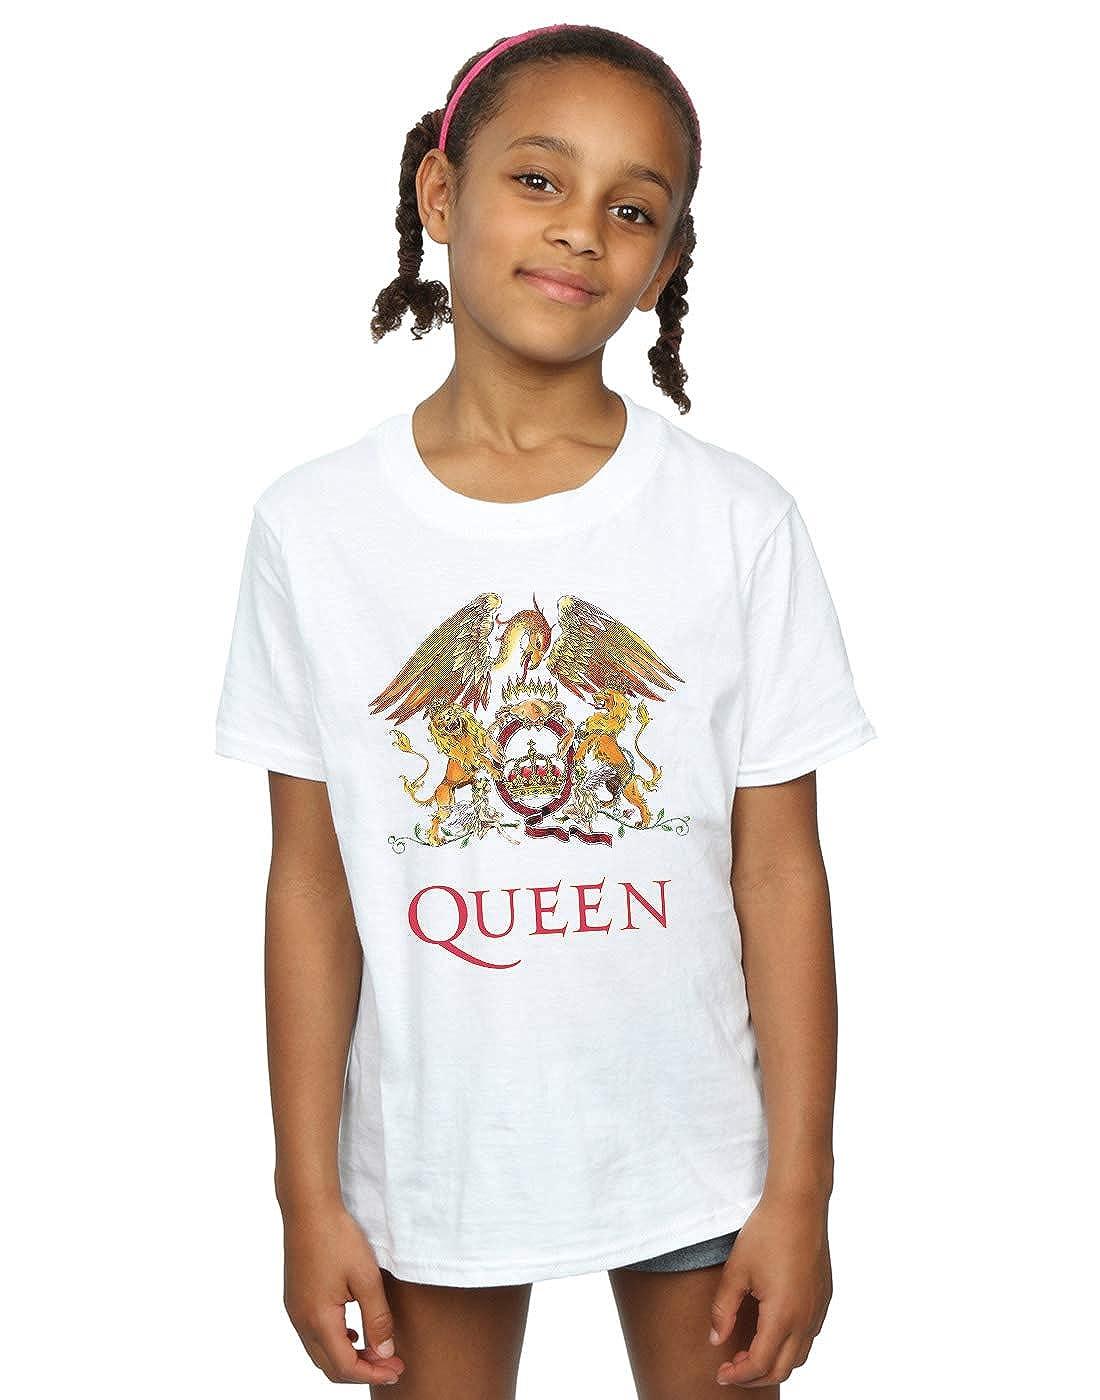 Queen Girls Crest Logo T-Shirt Absolute Cult